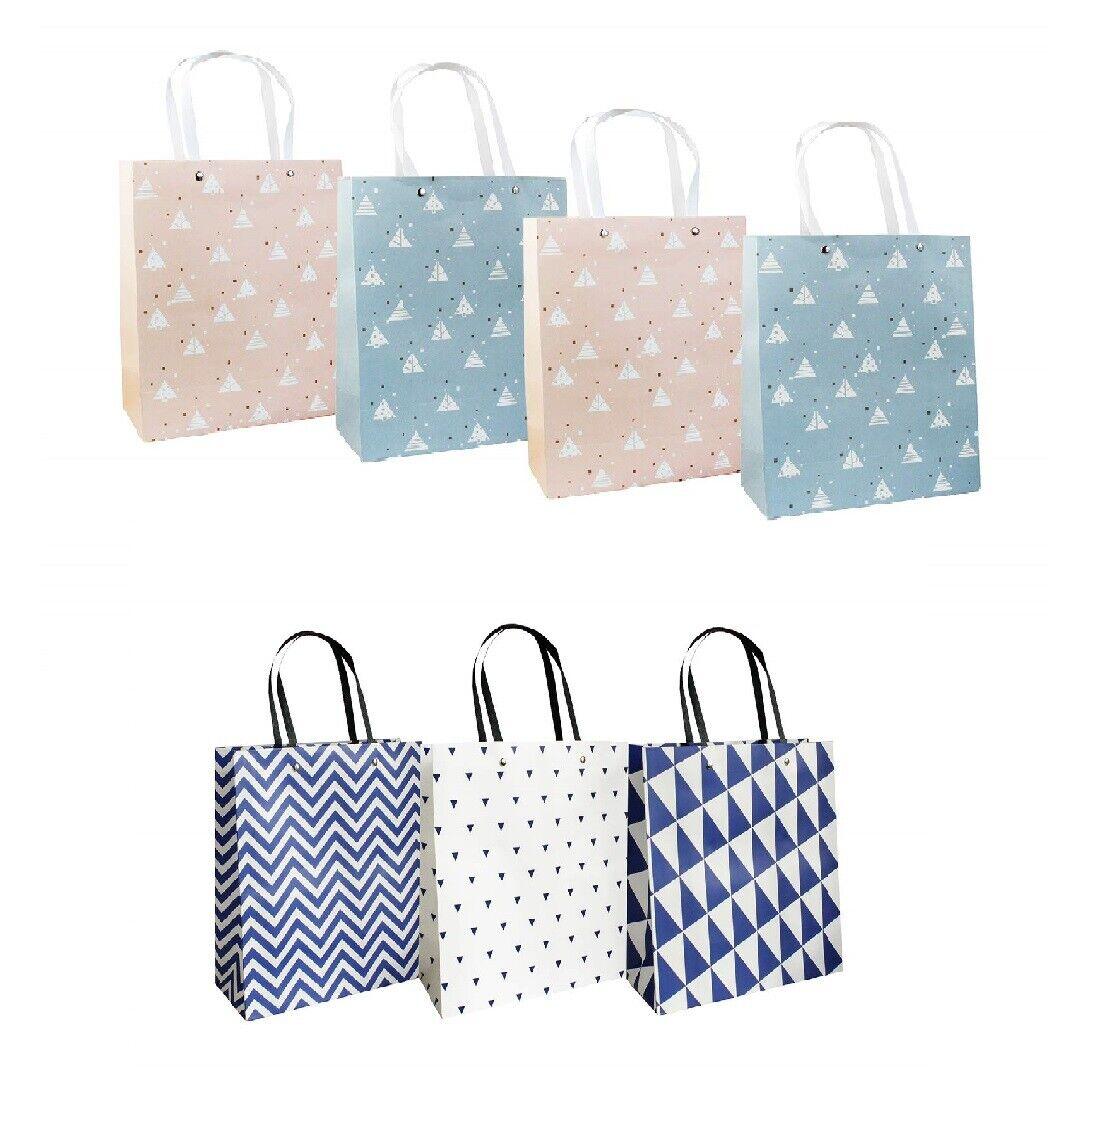 En Gros Luxe Papier Fête Anniversaire Cadeau Sac Assorti Vacances Occasion Bags